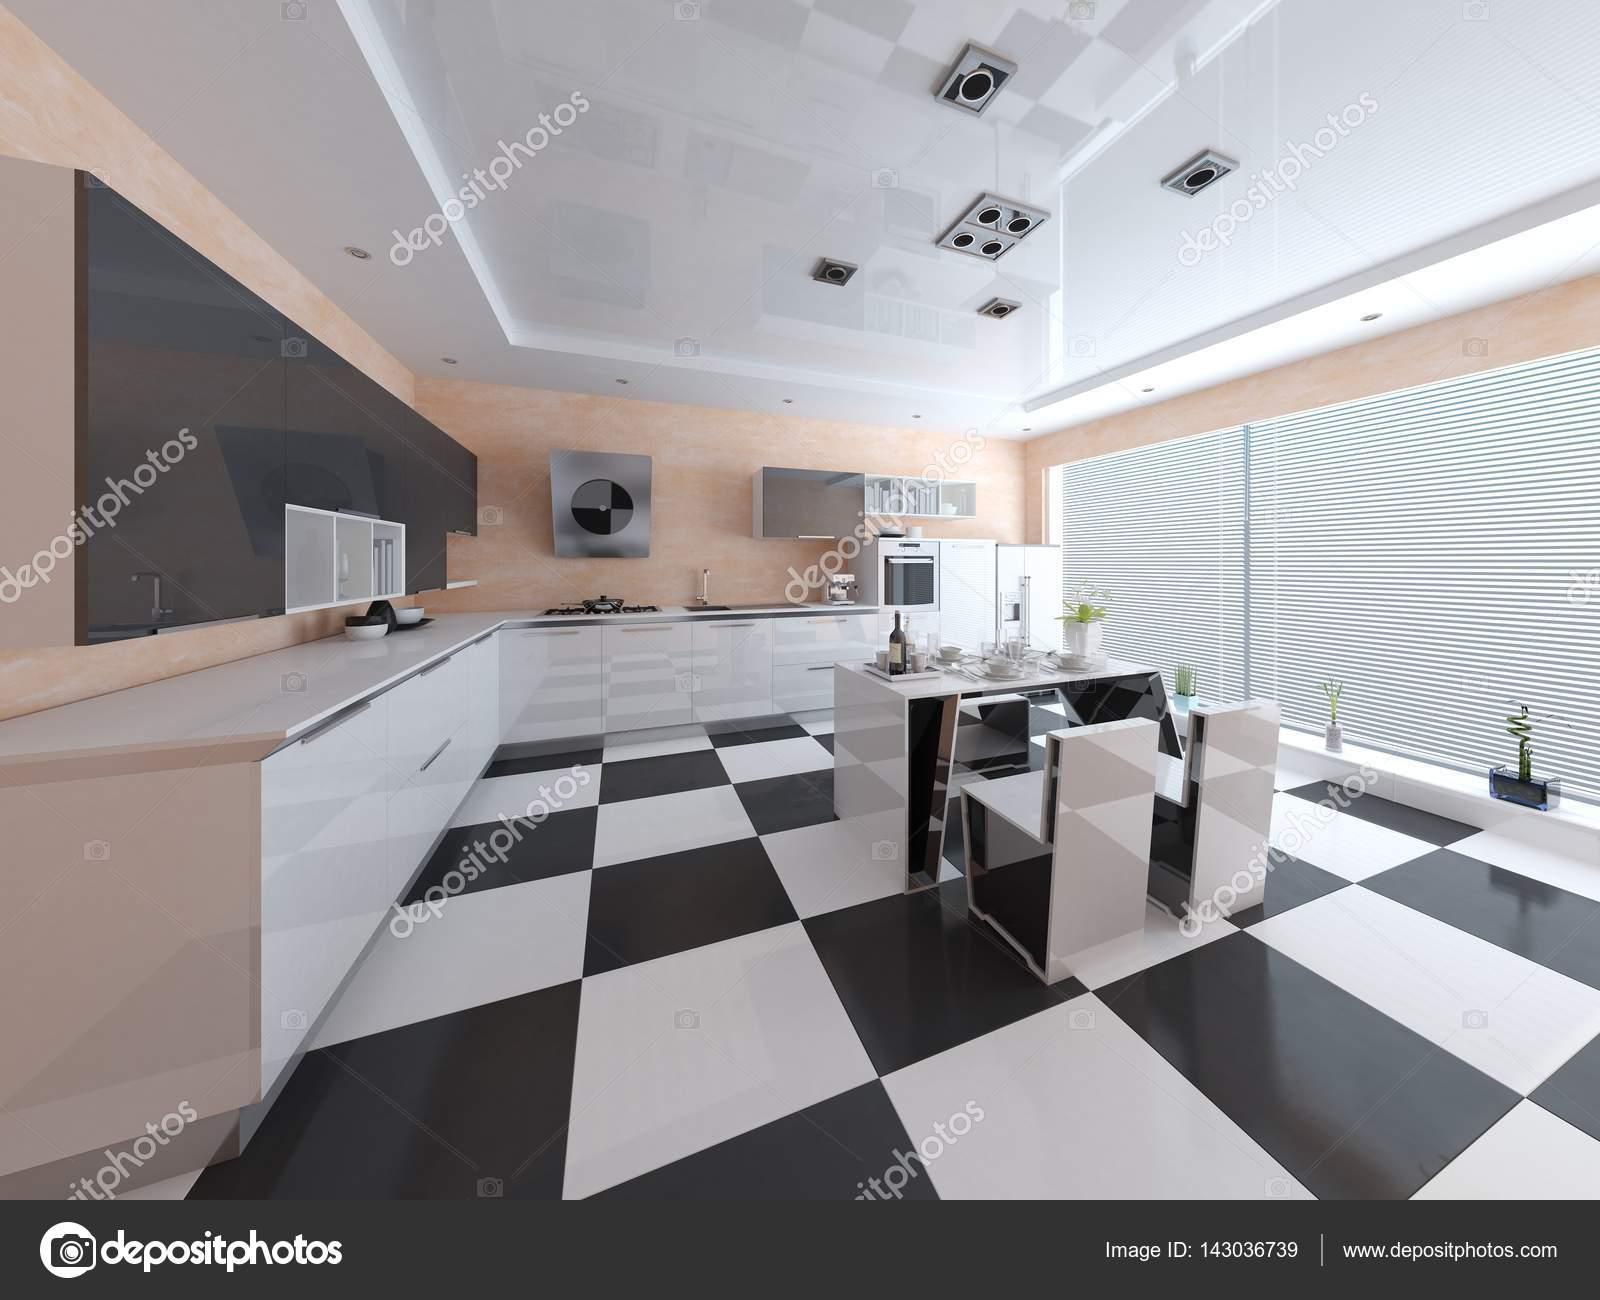 Cucina alla moda in stile hi-tech — Foto Stock © wodoplyasov #143036739